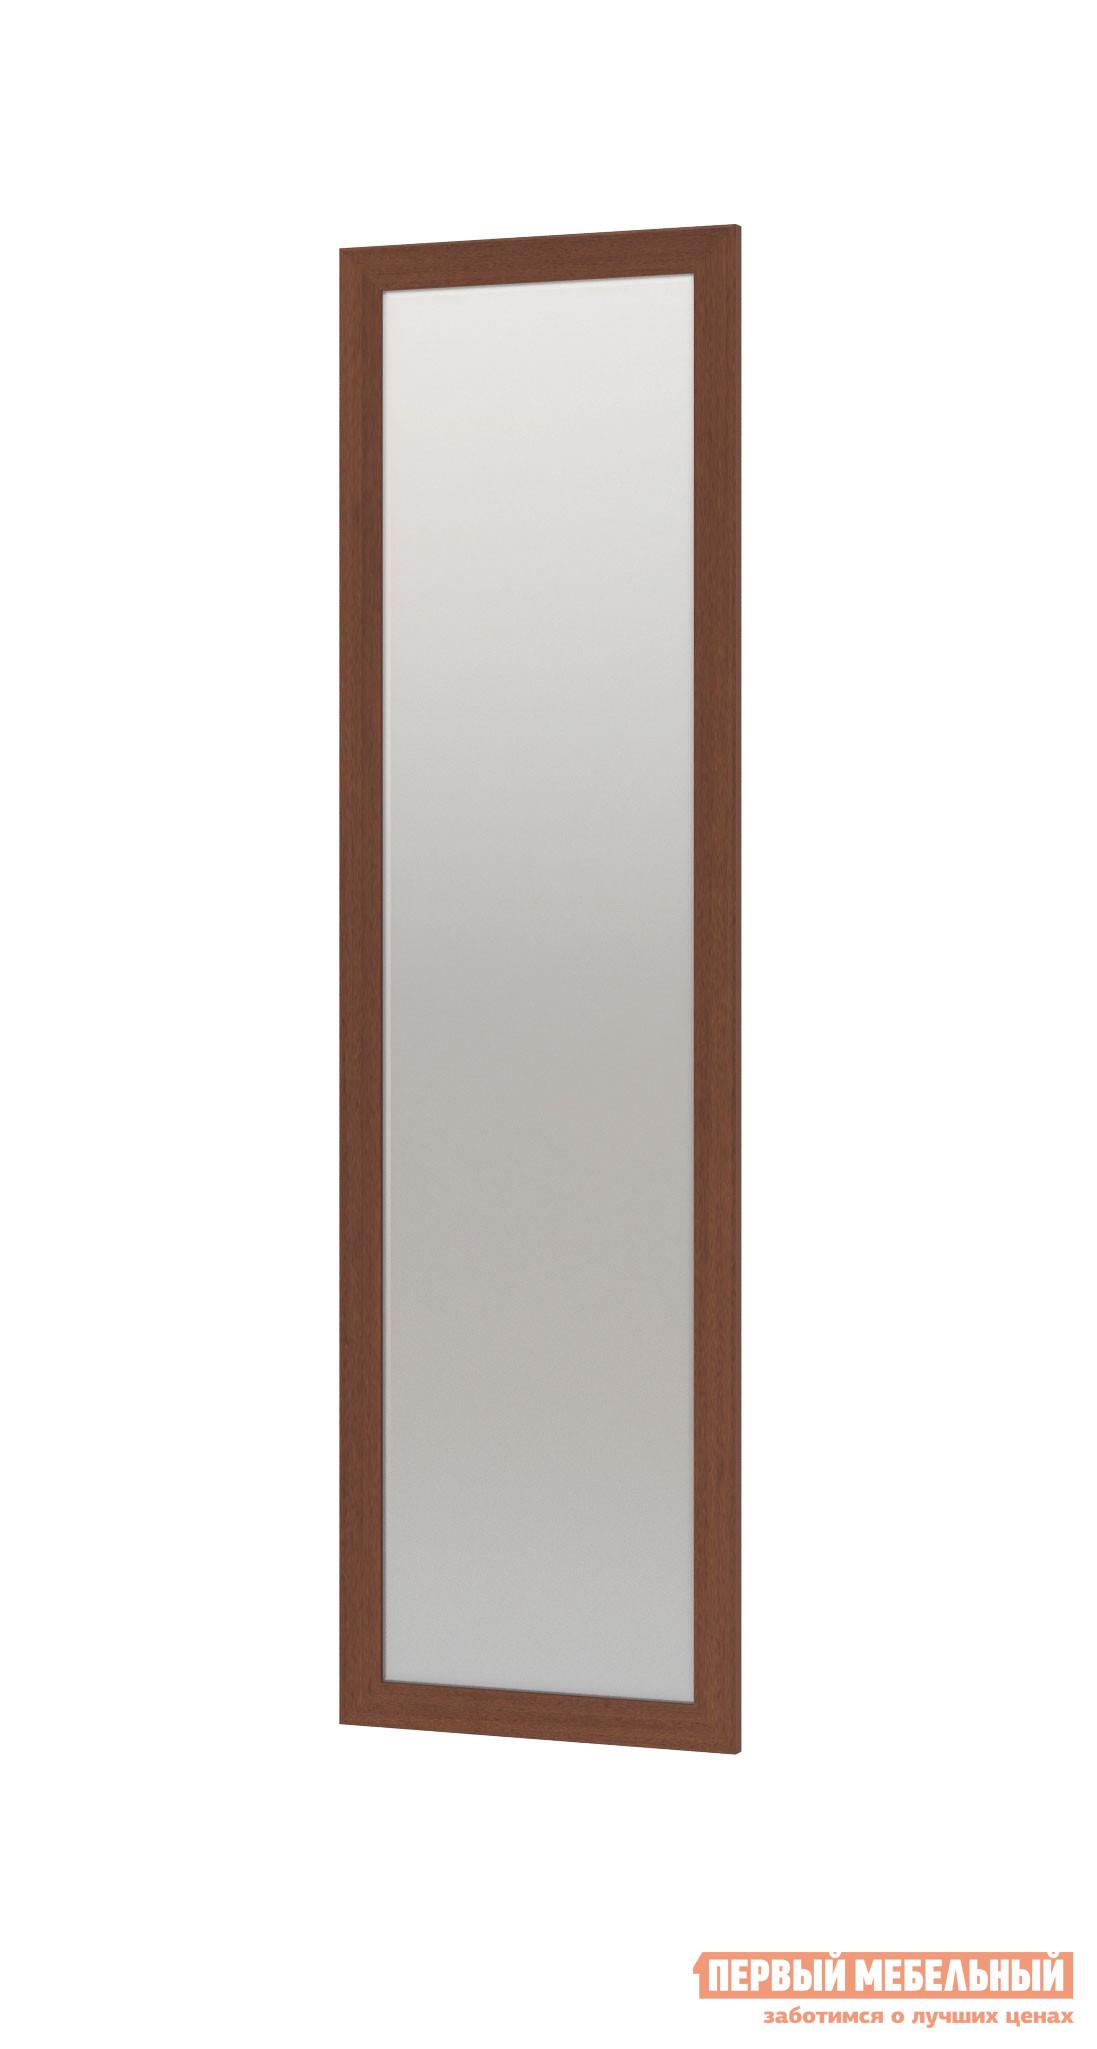 Настенное зеркало ТД Арника ИД 01.381а настенное зеркало тд арника комфорт прихожая зеркало навесное 35